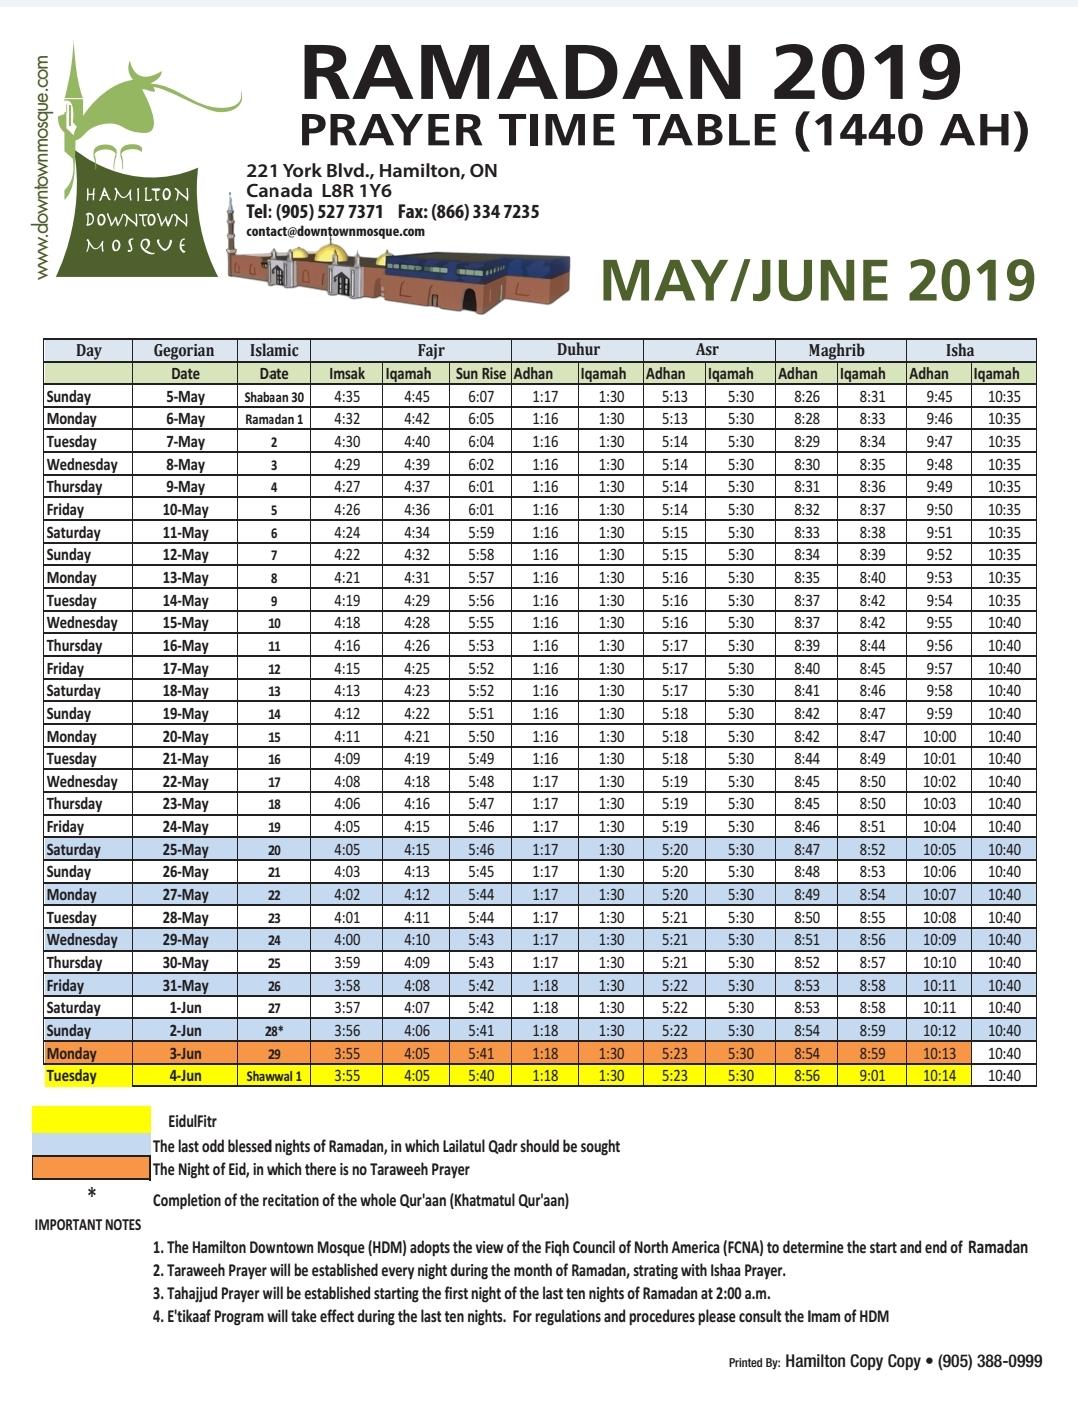 Ramadan Calendar 2019.Ramadan Calendar Hamilton Downtown Mosque Ontario Hamilton Canada